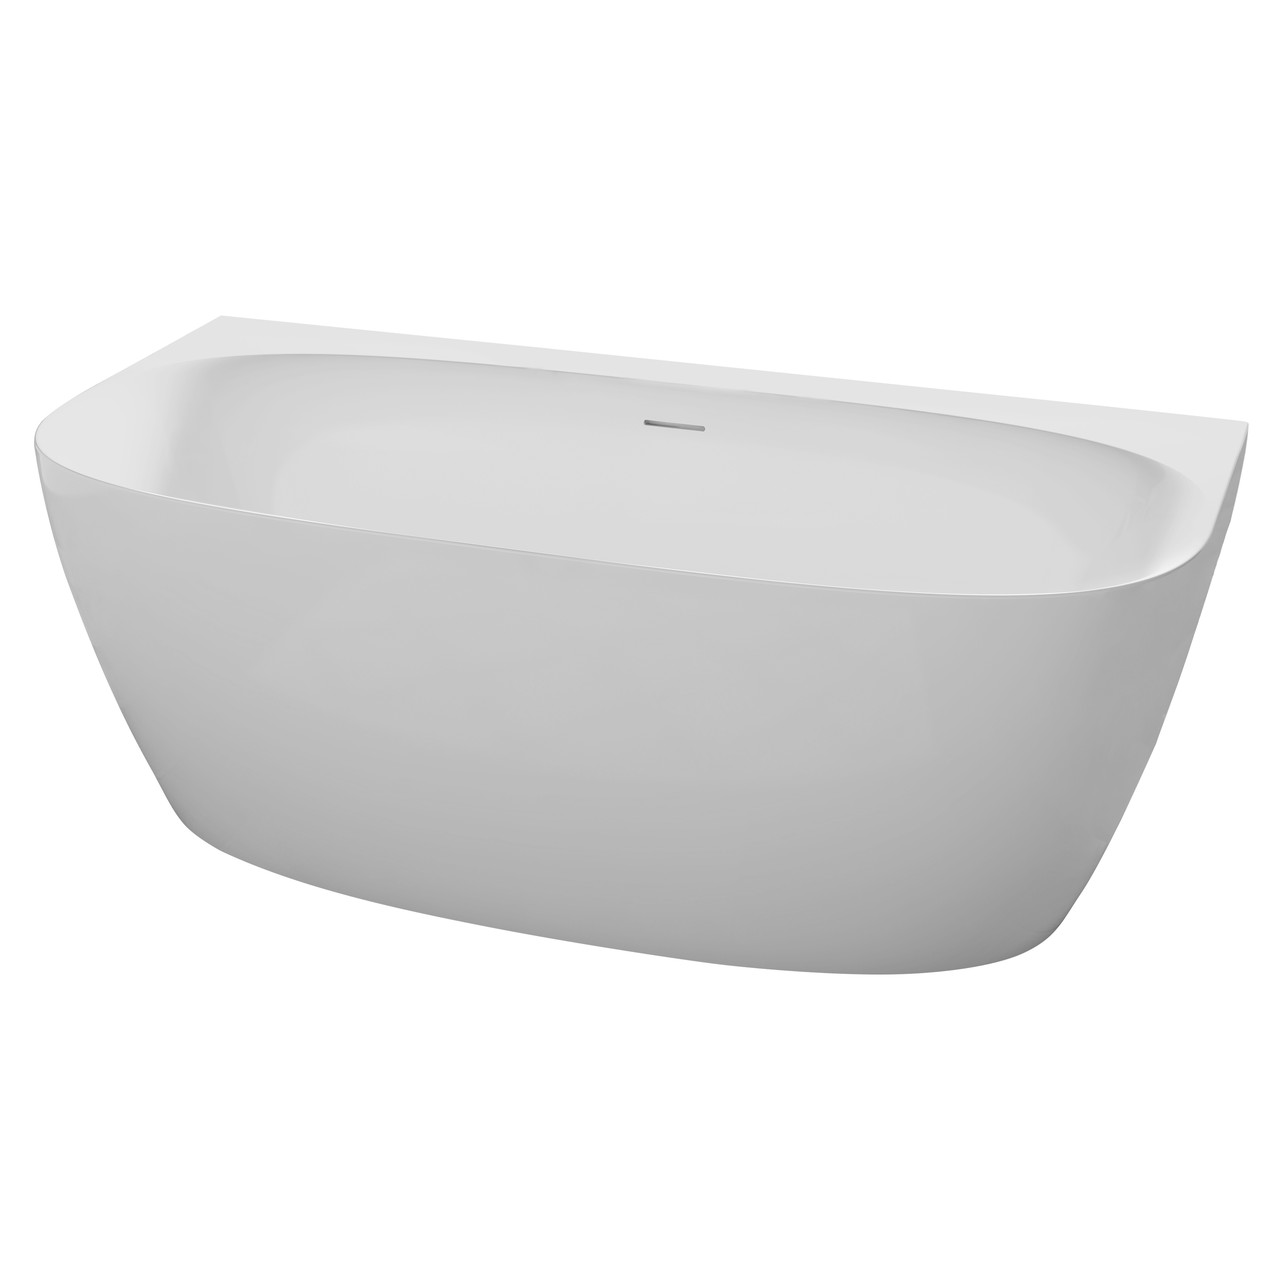 Ванна 170*80*58см, окремостояча, пристінна, з сифоном, матова